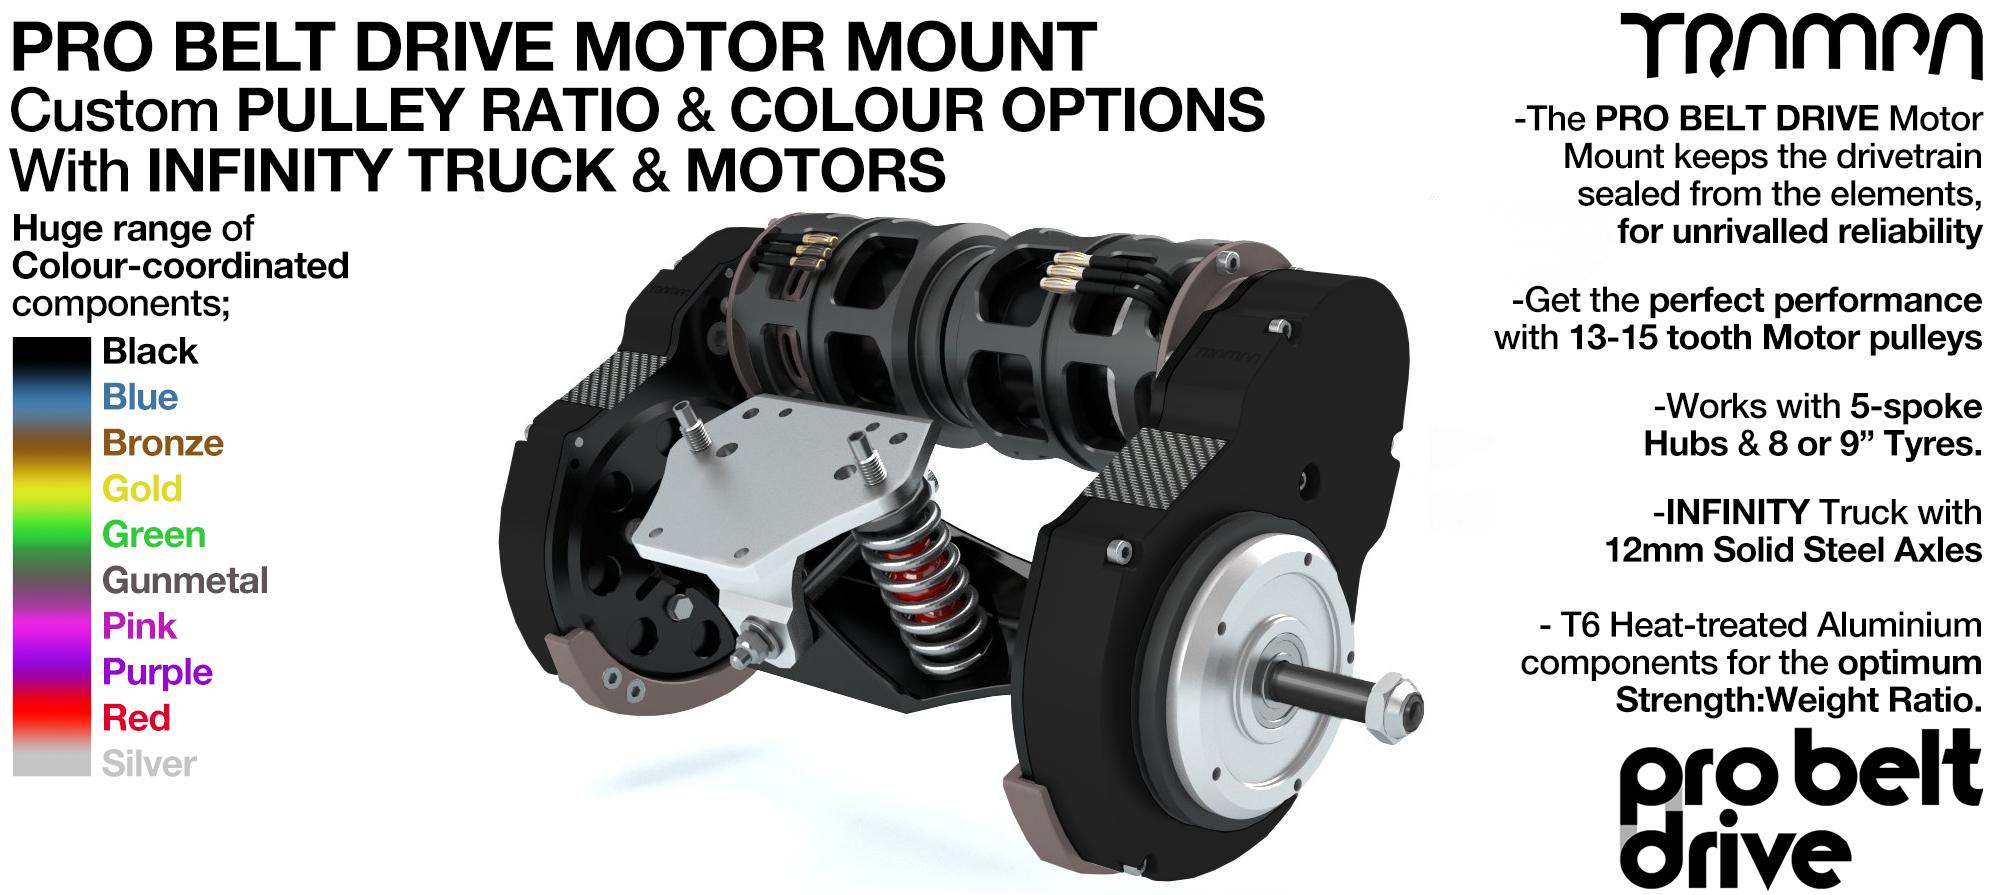 Mountainboard TPRO Belt Drive Motor Mounts, Motors & Precision INFINITY Truck